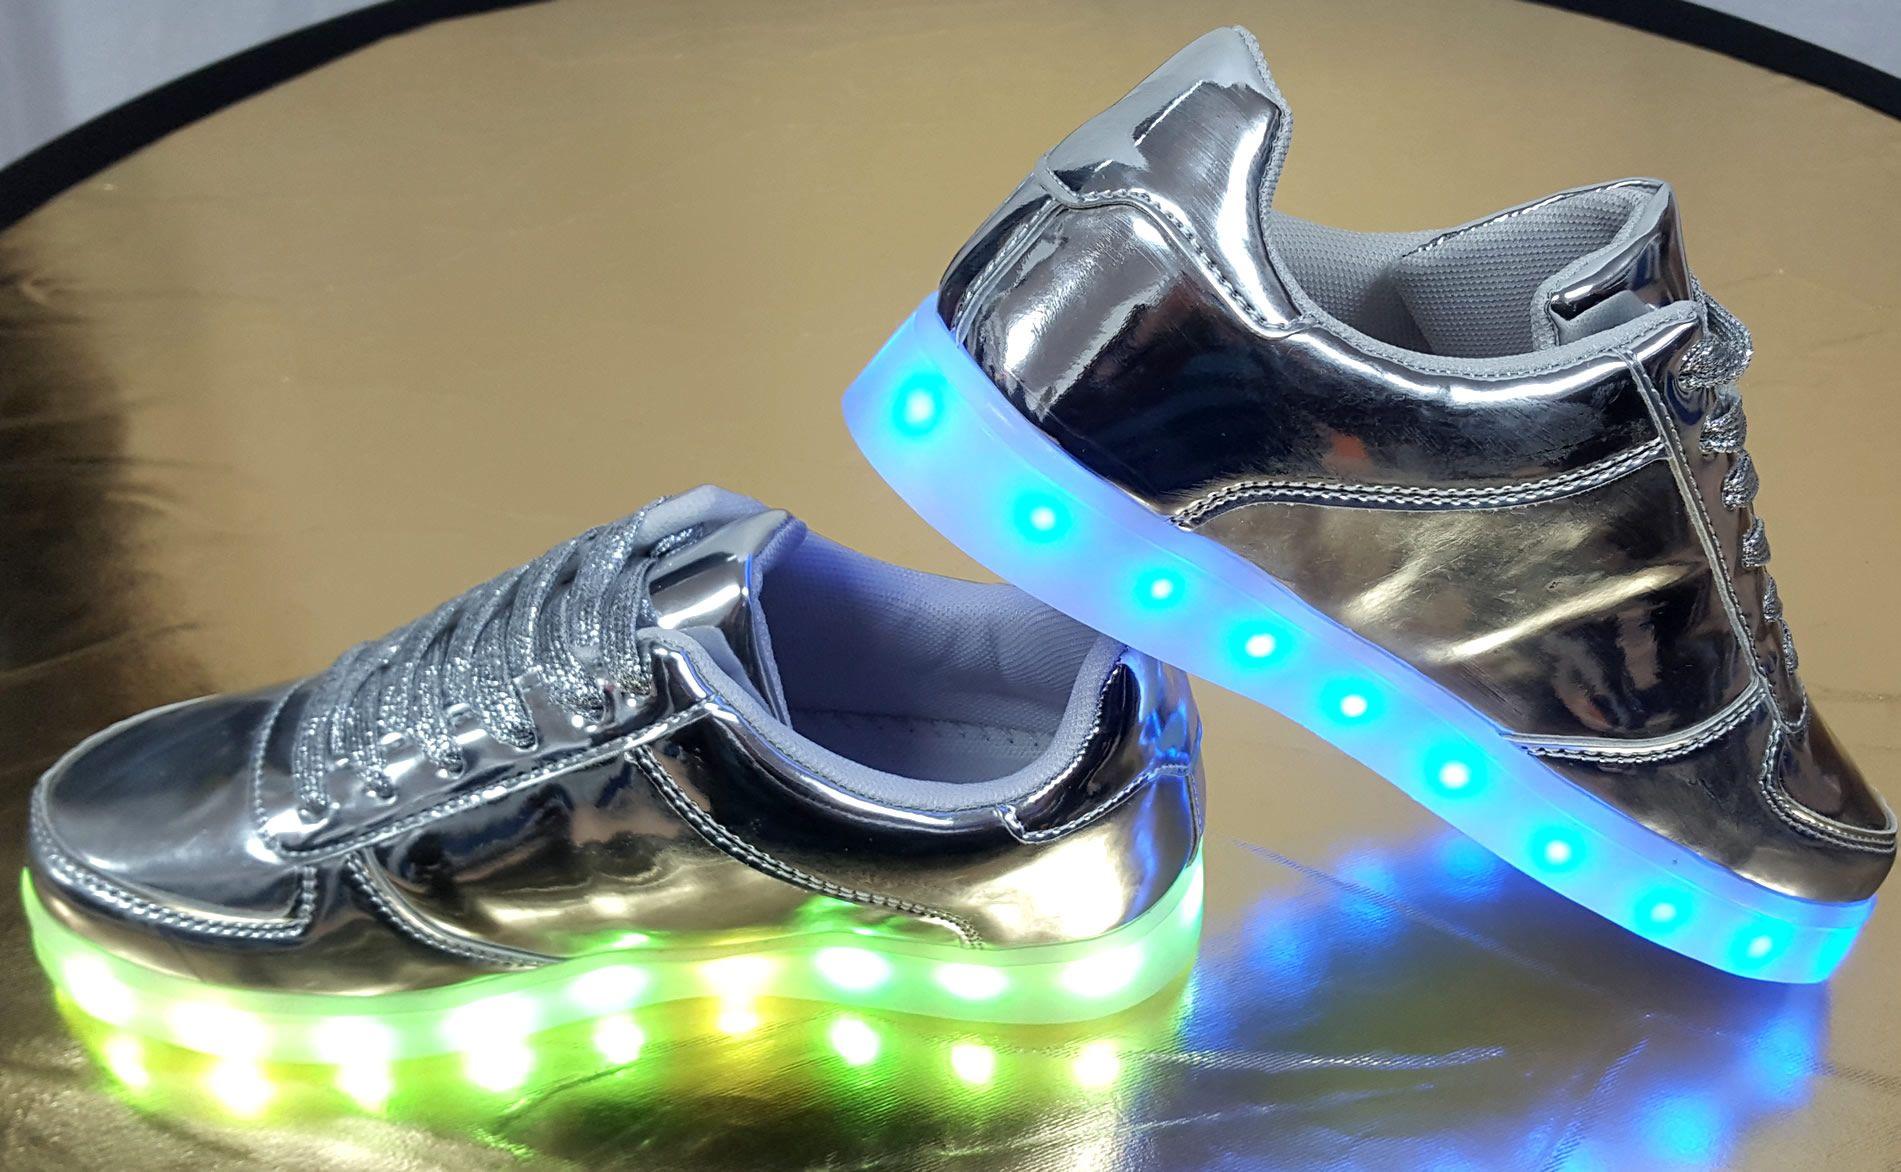 oplaadbare led verlichting voor schoenen modedamnl verkoopt dames sneakers met ledjes in